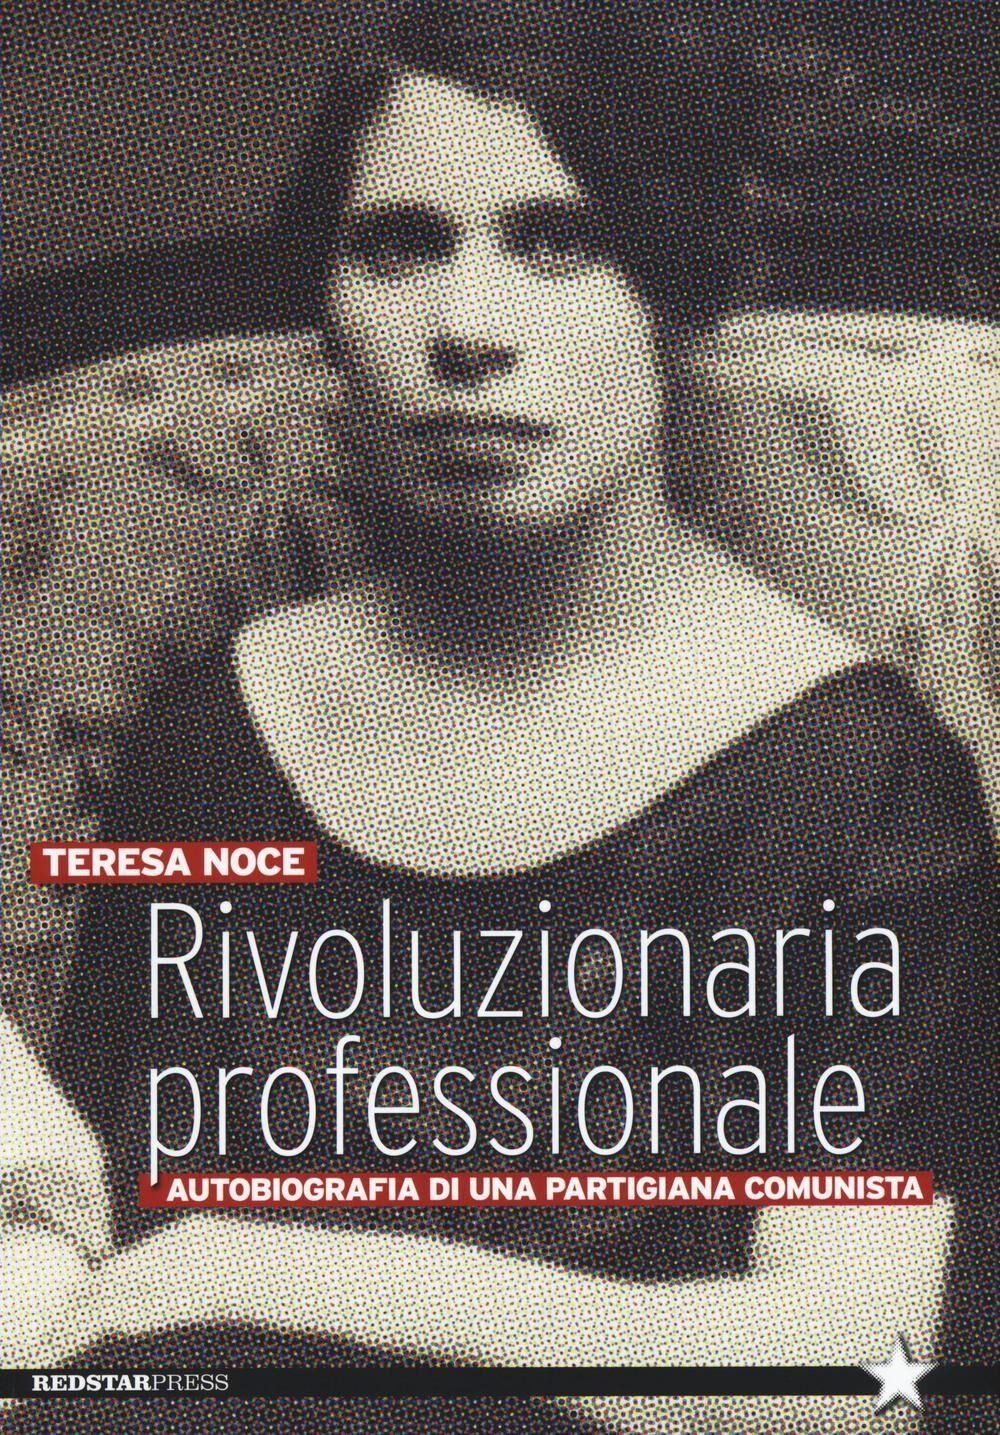 Rivoluzionaria professionale. Autobiografia di una partigiana comunista